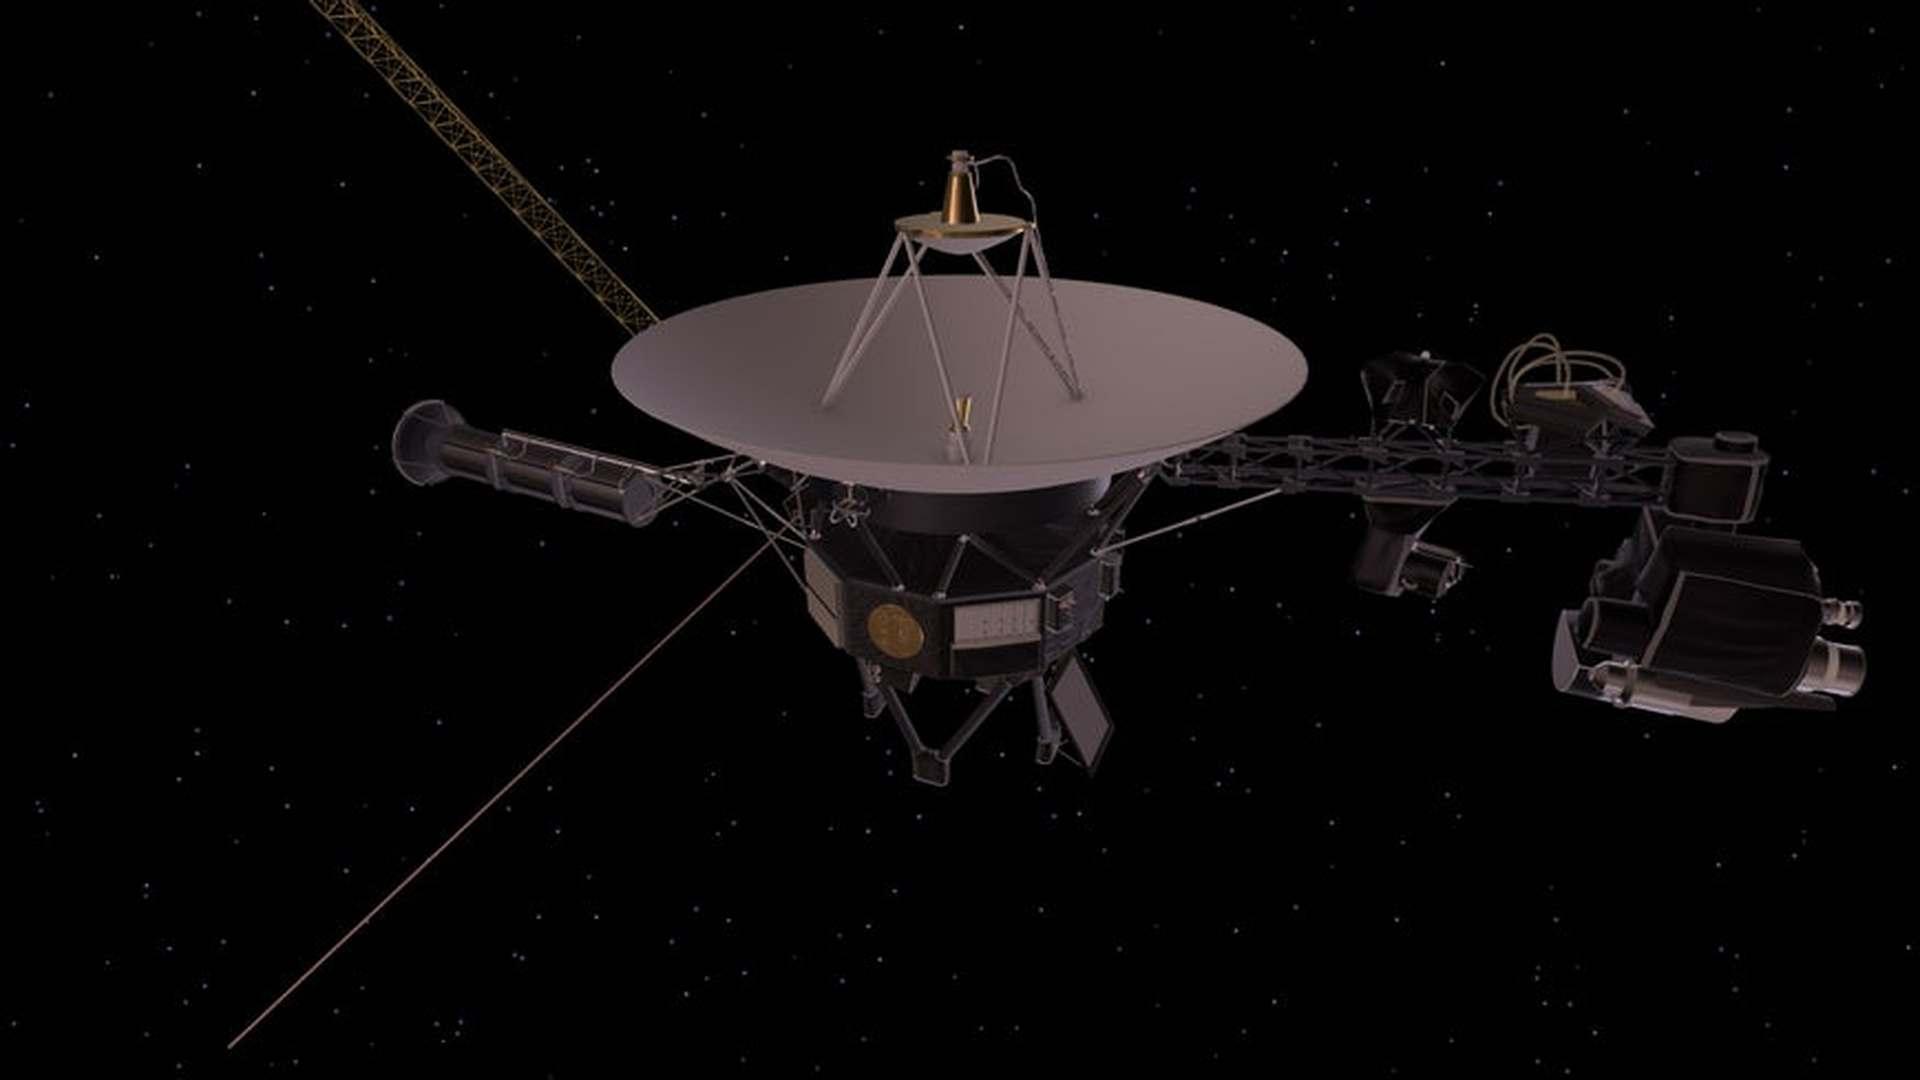 Спустя 42 года после запуска в НАСА придумали, как продлить миссию Вояджер-2